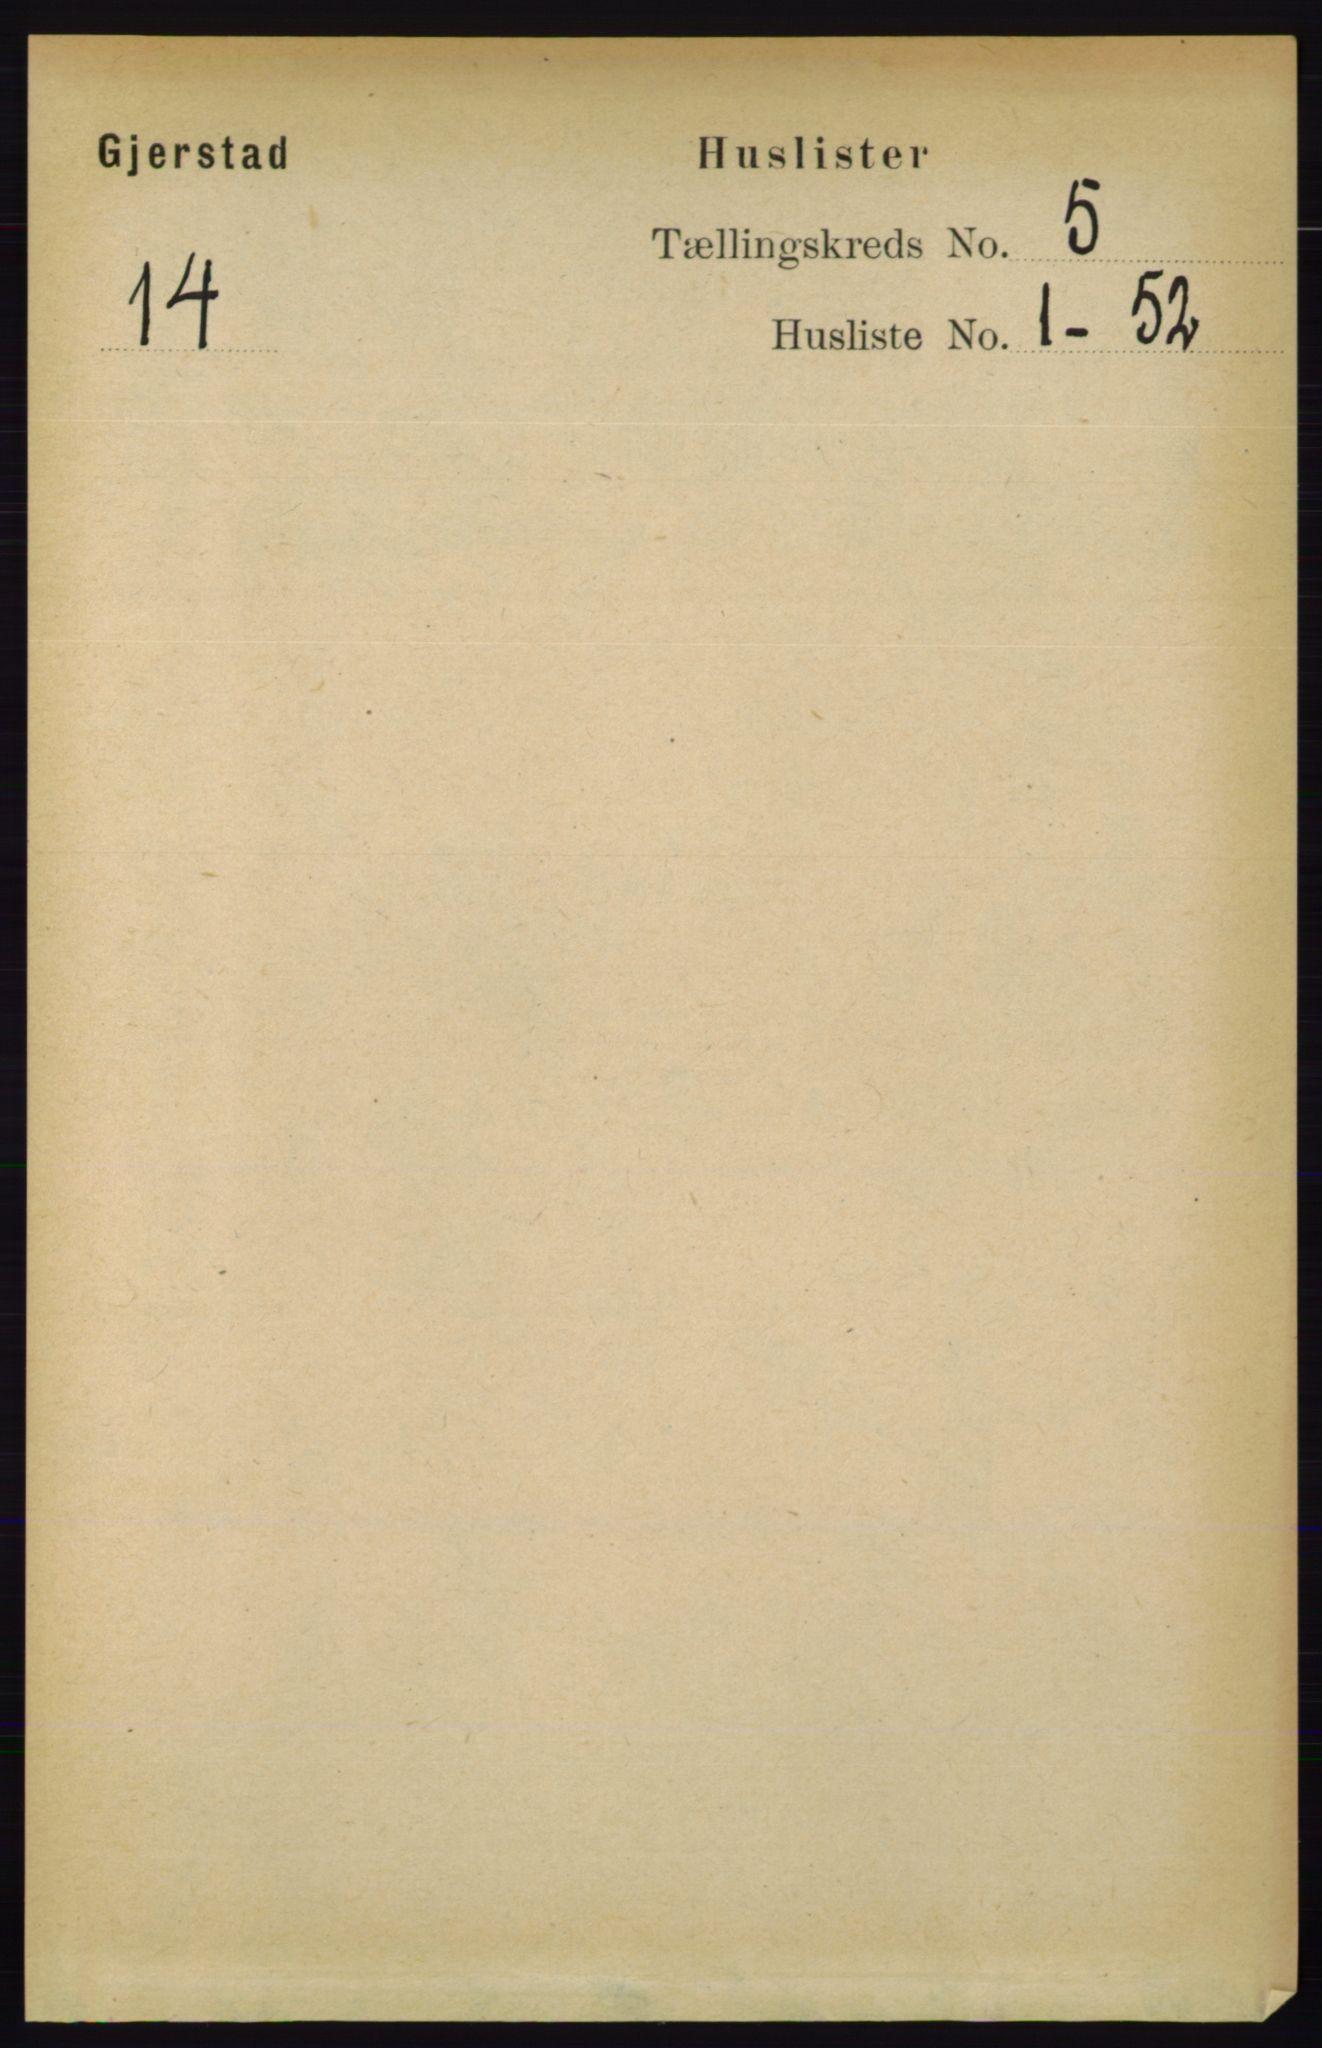 RA, Folketelling 1891 for 0911 Gjerstad herred, 1891, s. 1935